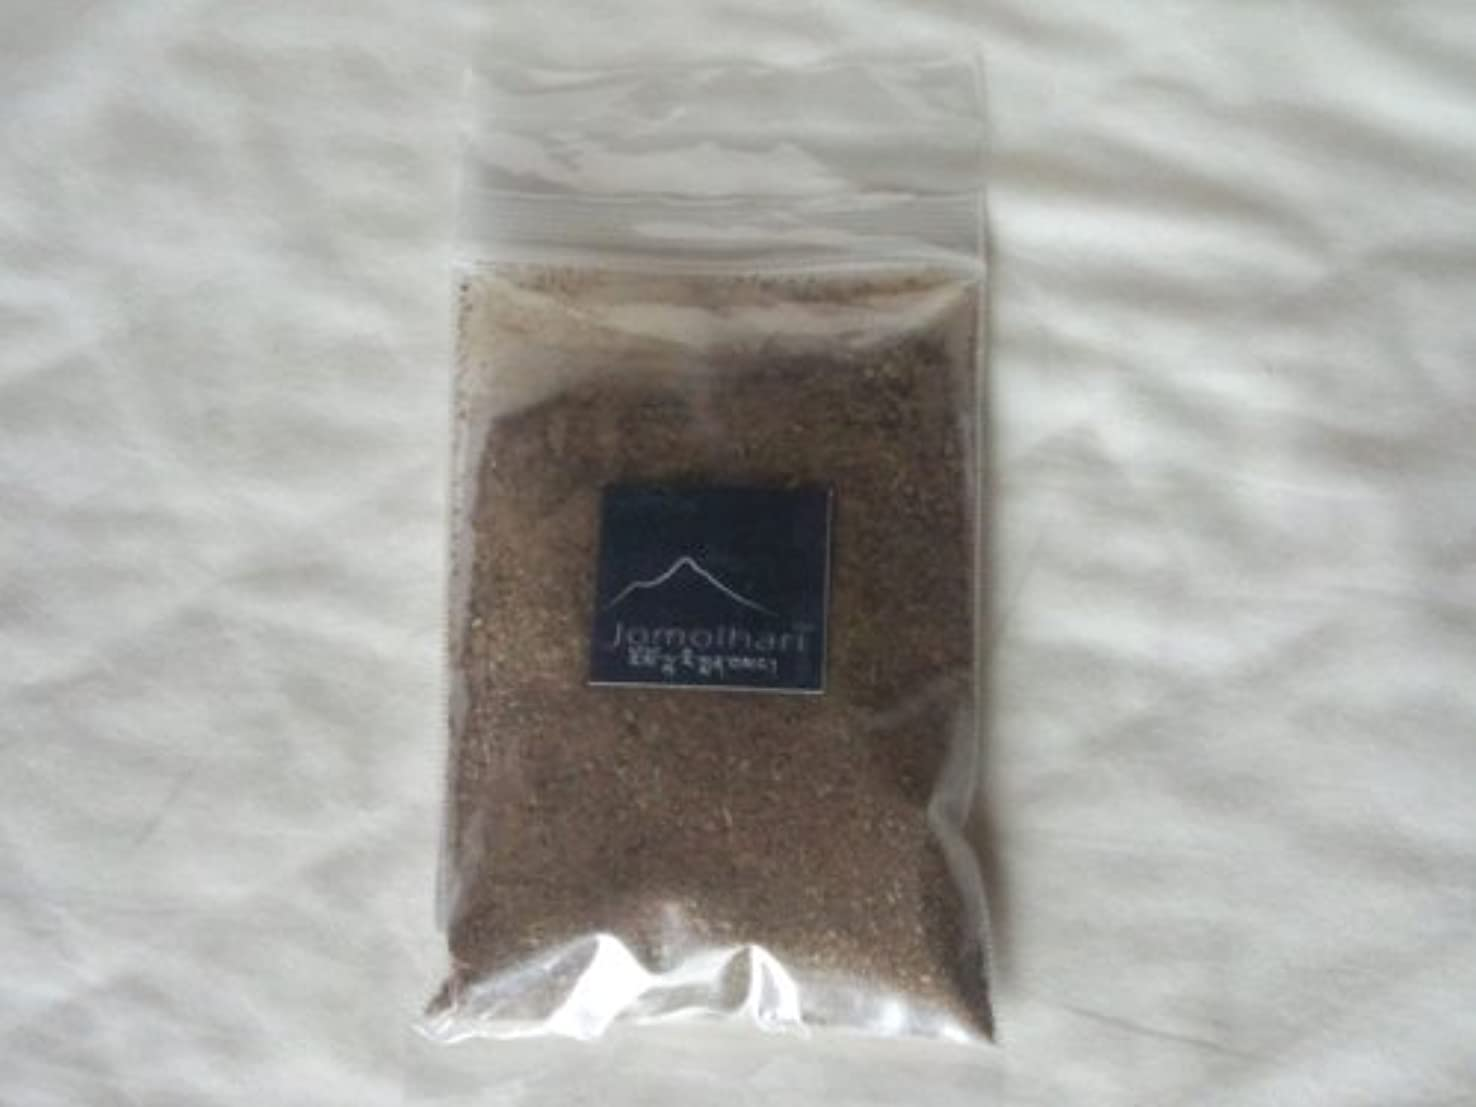 毎月膜言い換えるとチミ香/ジョモラリ(パウダーインセンス)50g  Jomolhari - Powder